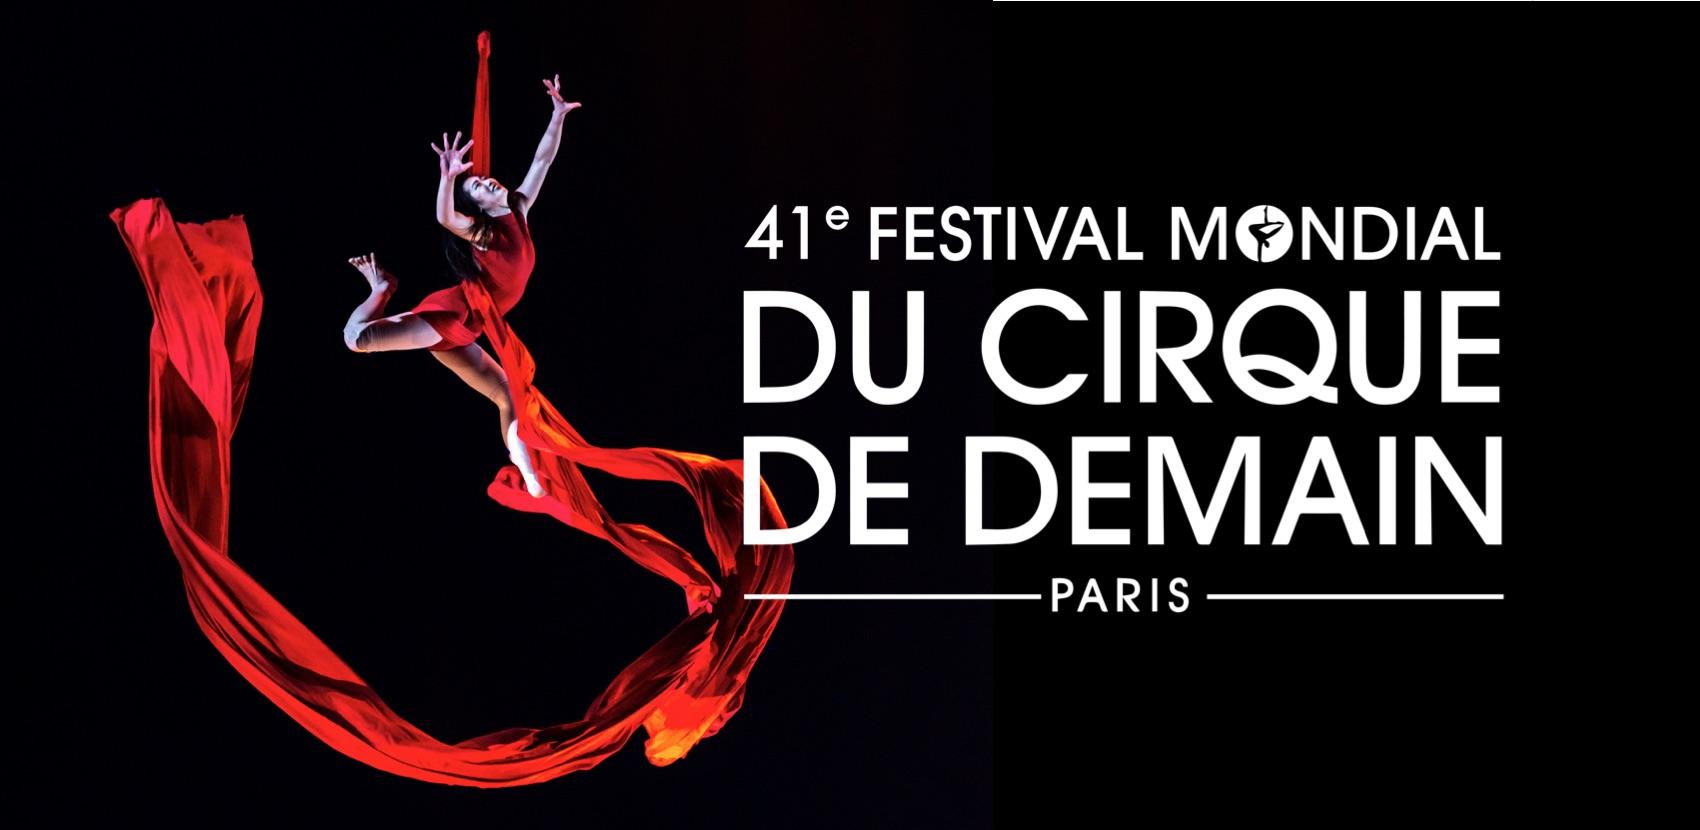 41e Festival Mondial du Cirque de Demain - REPORTÉ EN 2022 Cirque Phénix Paris